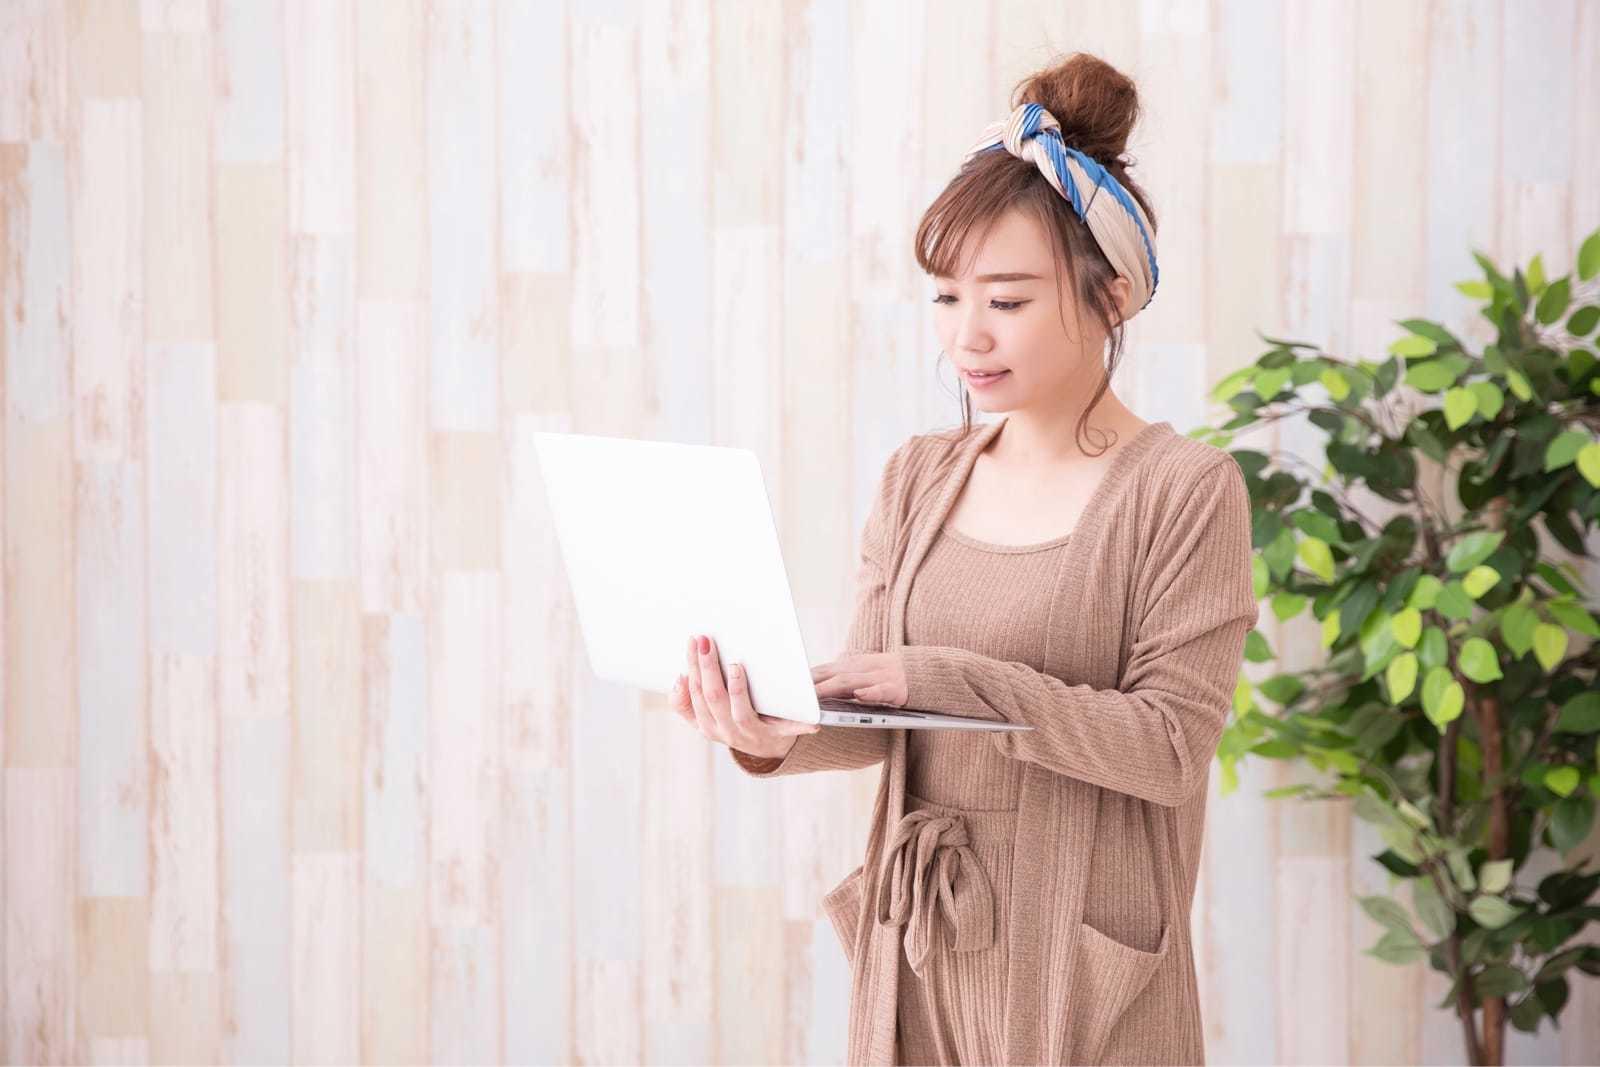 ルームウェアでノートパソコンを操作する女性